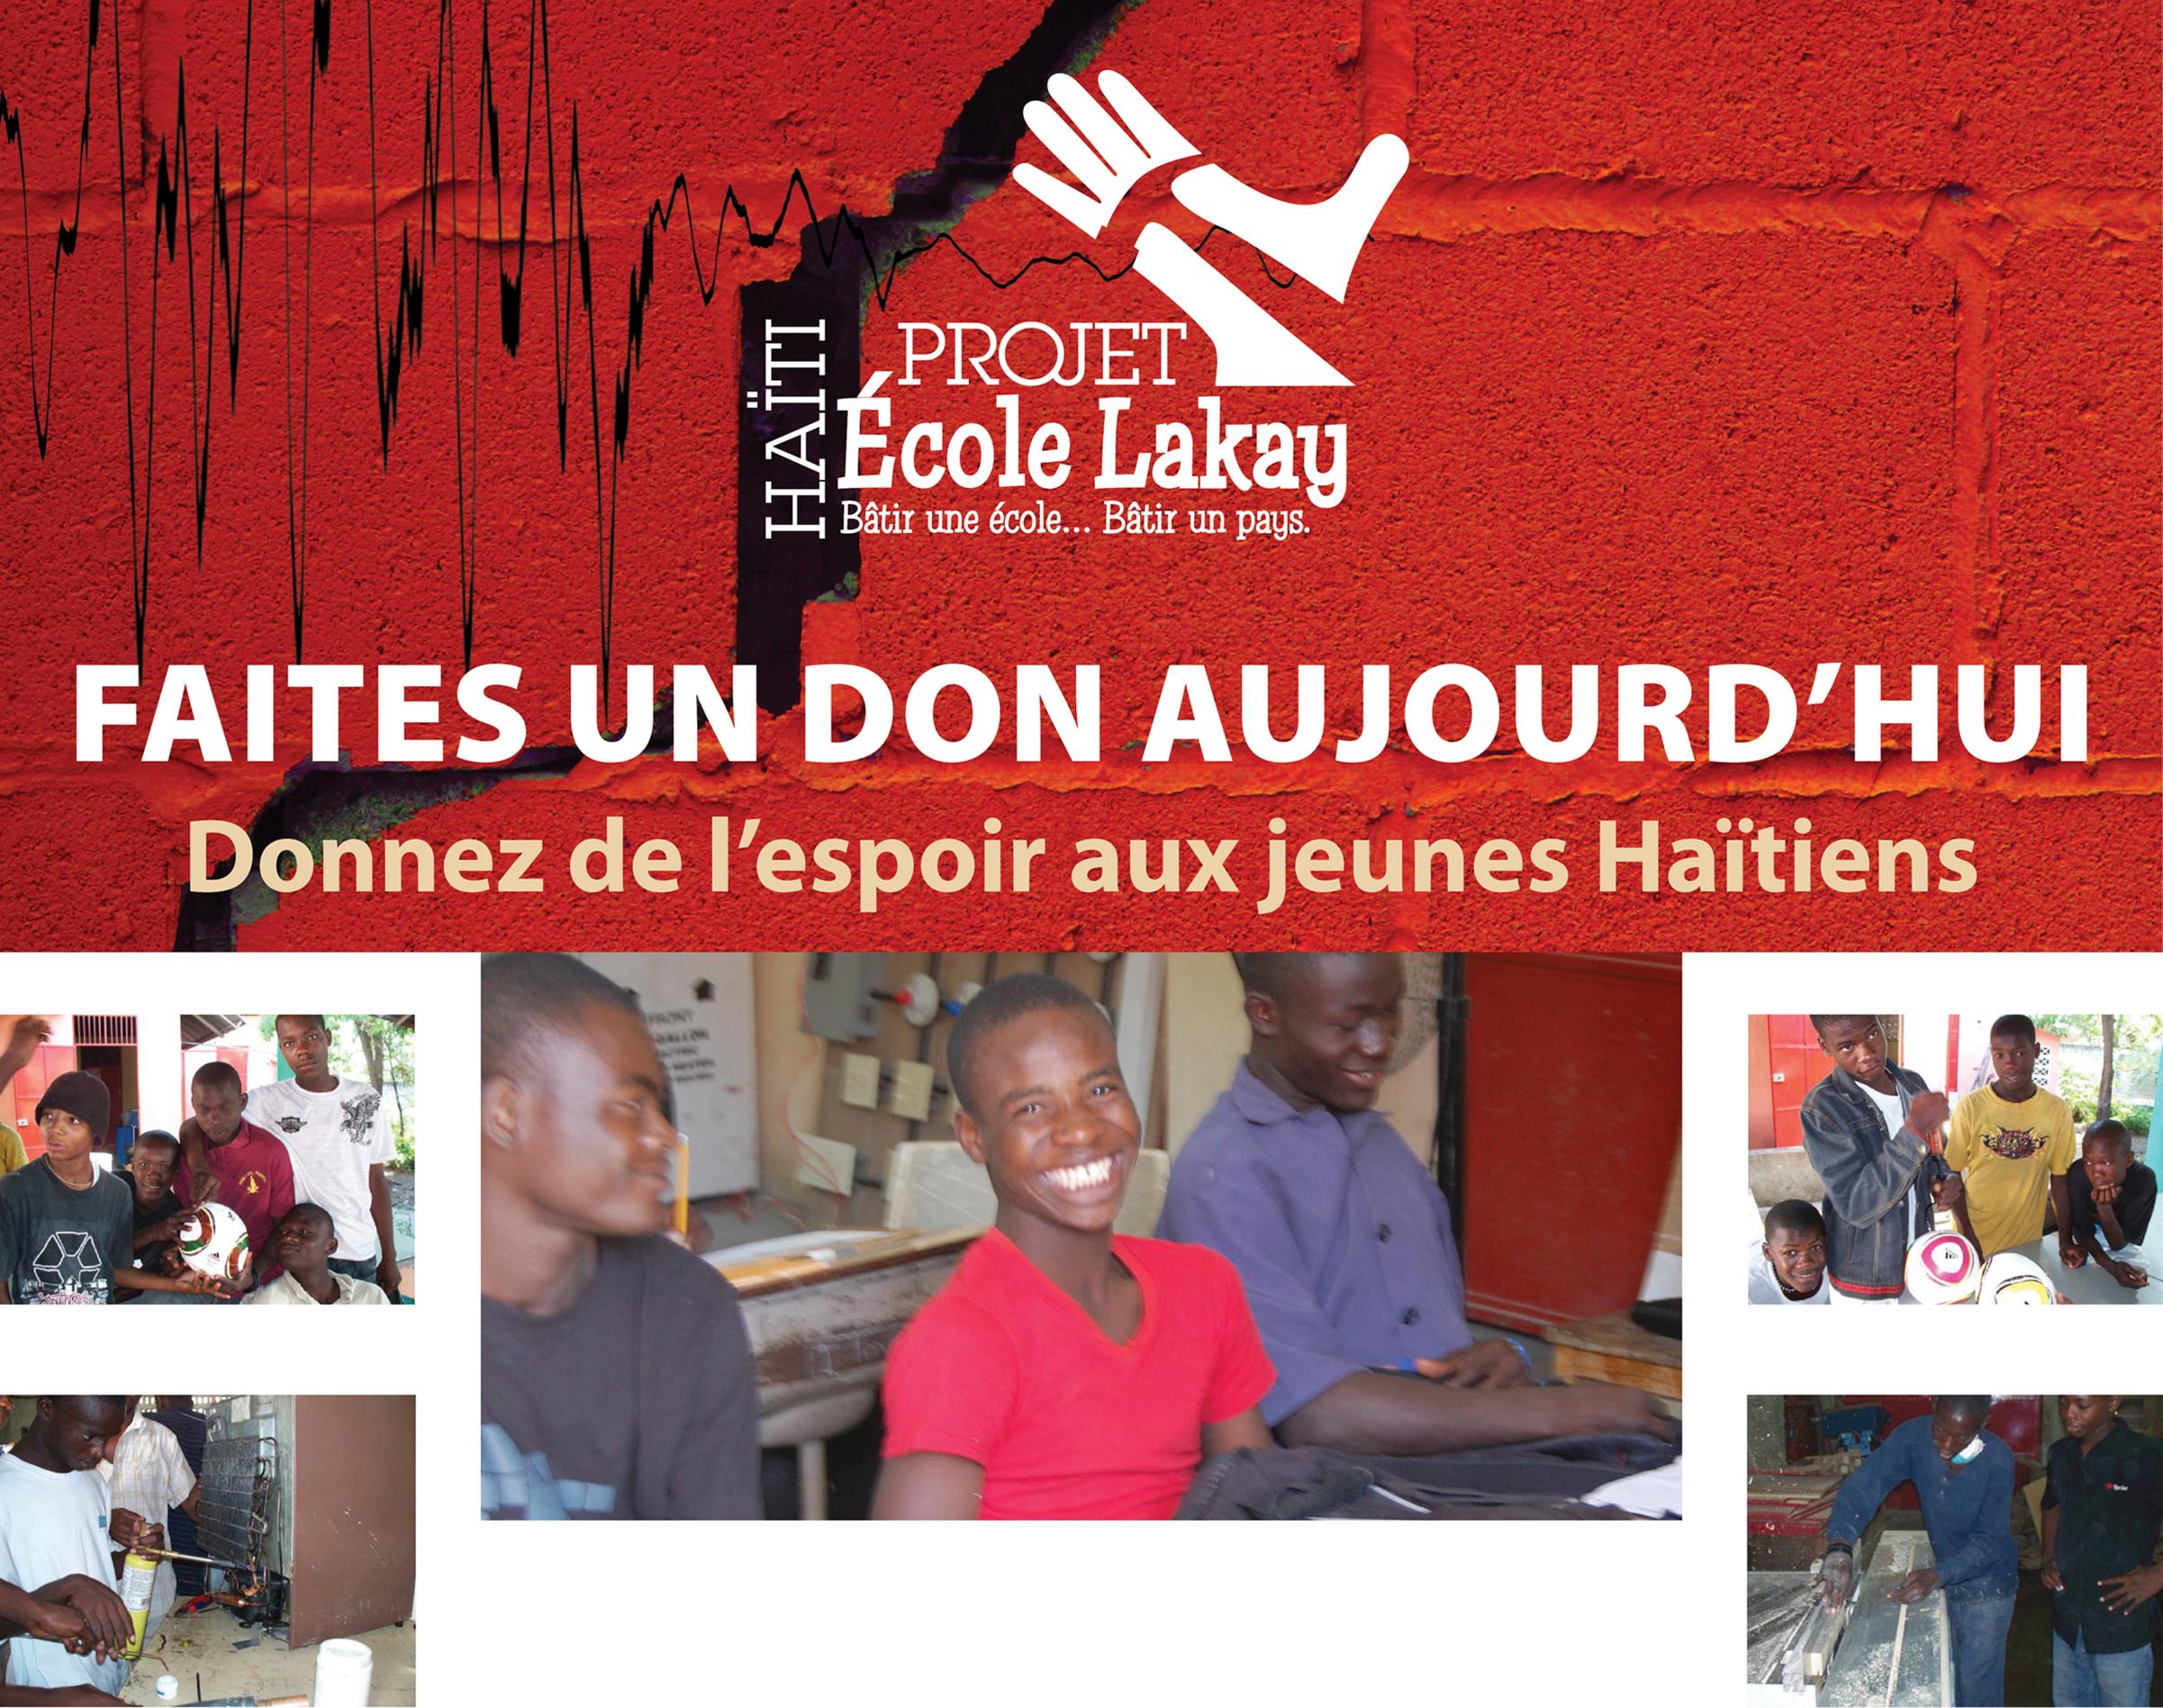 Faites un don aujourd'hui, donnez de l'espoir aux jeunes Haitiens